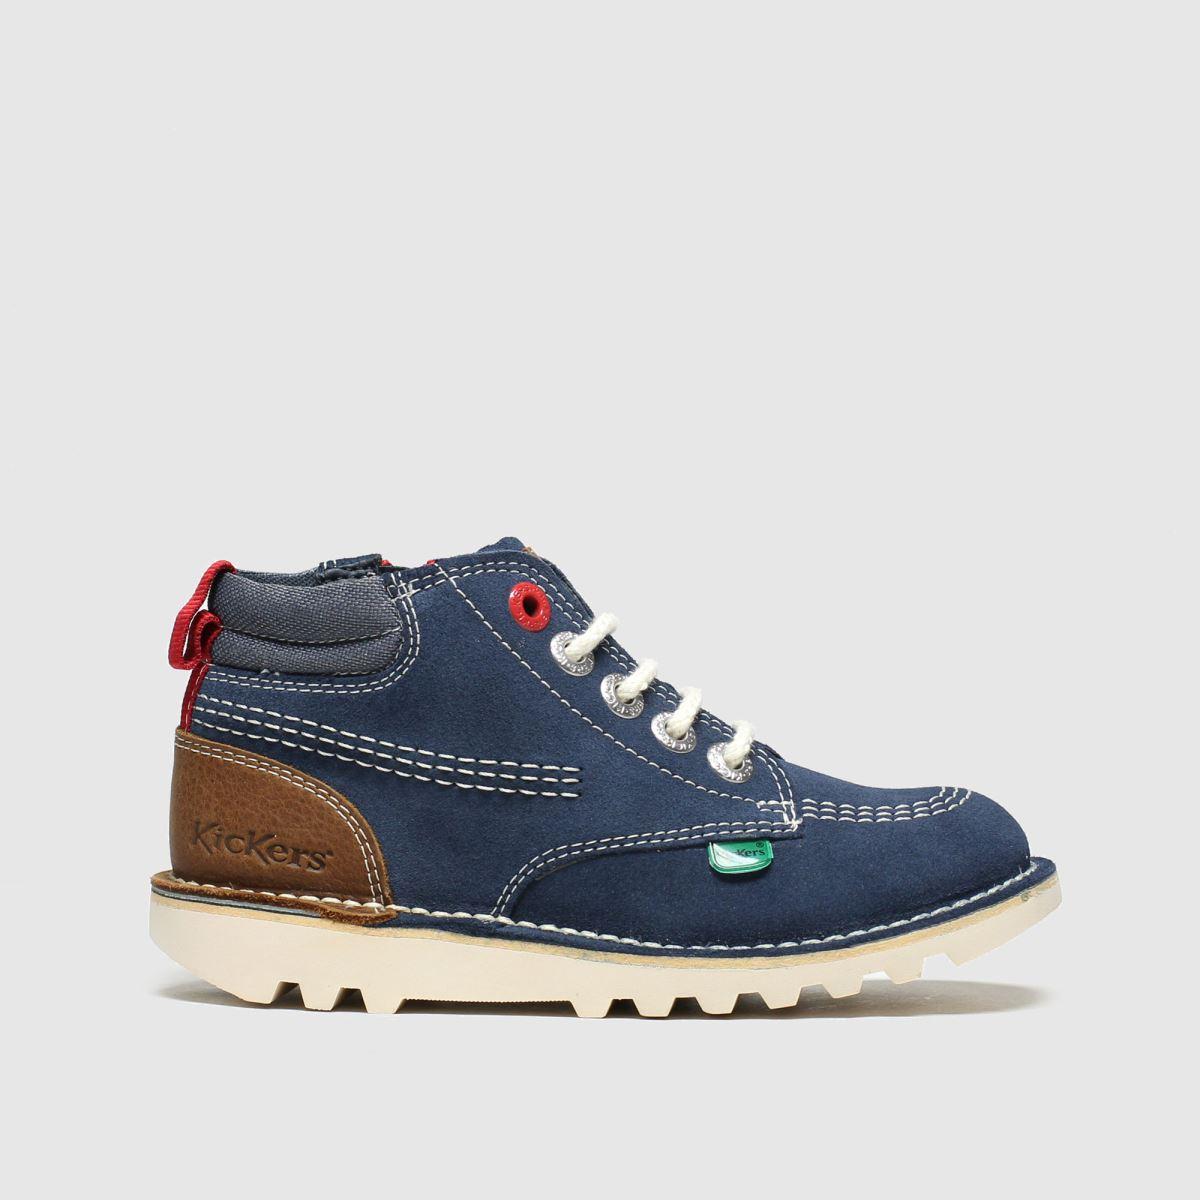 Kickers Navy Kick Hi Stroll Boots Toddler